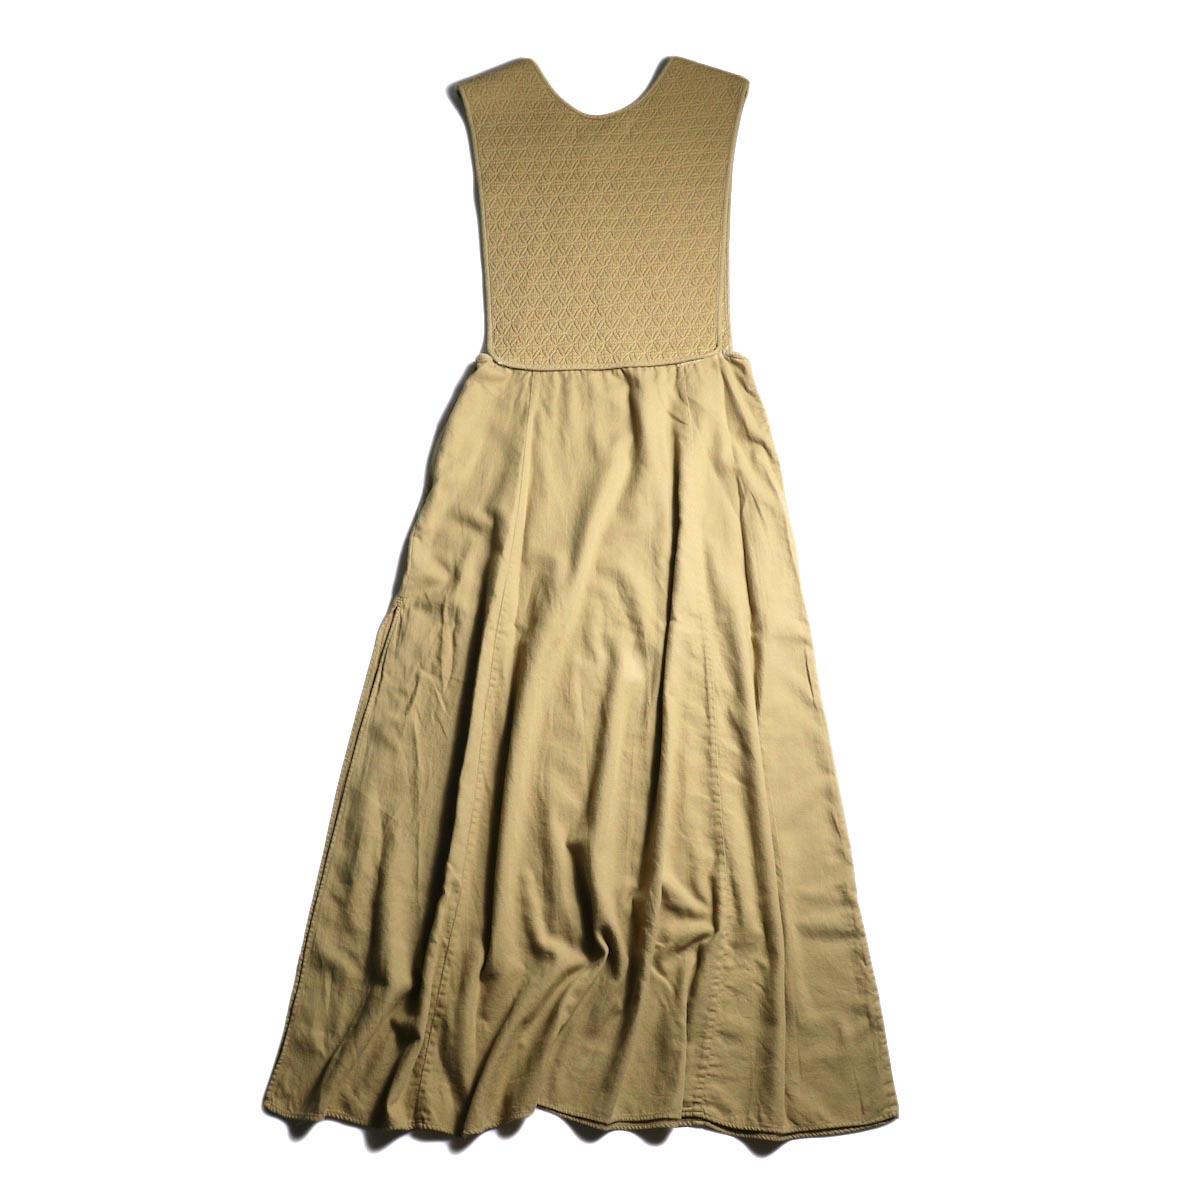 ARCHI / SKIMIA QUILT DRESS (beige) 背面